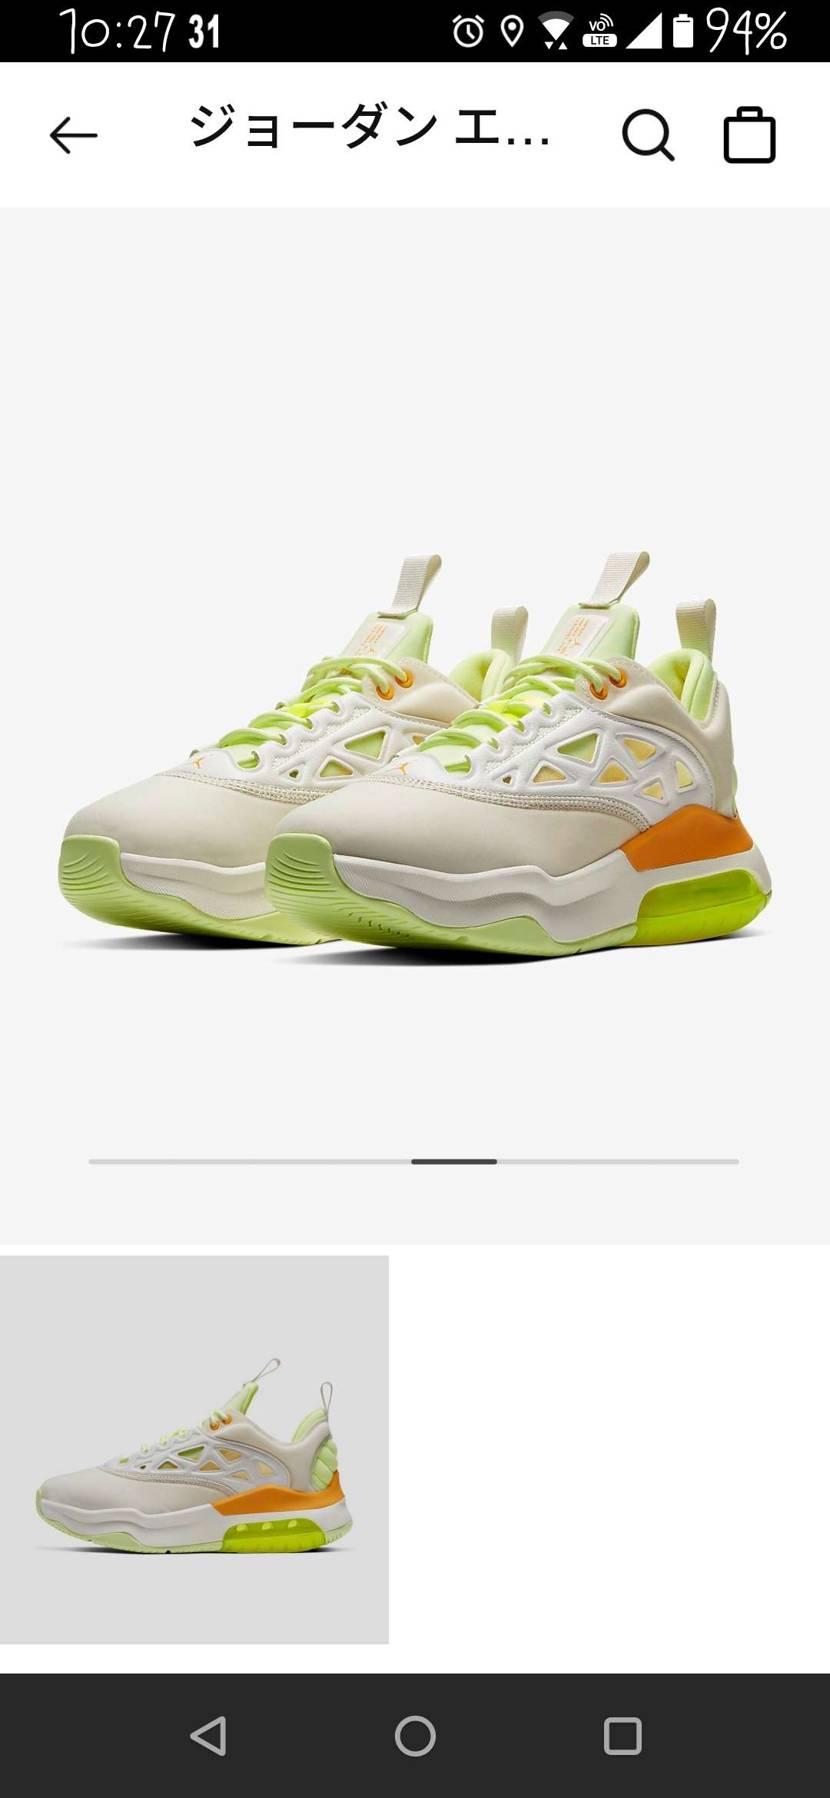 Nike.comから通知がきてました。 ウイメンズですが29センチまであるようで